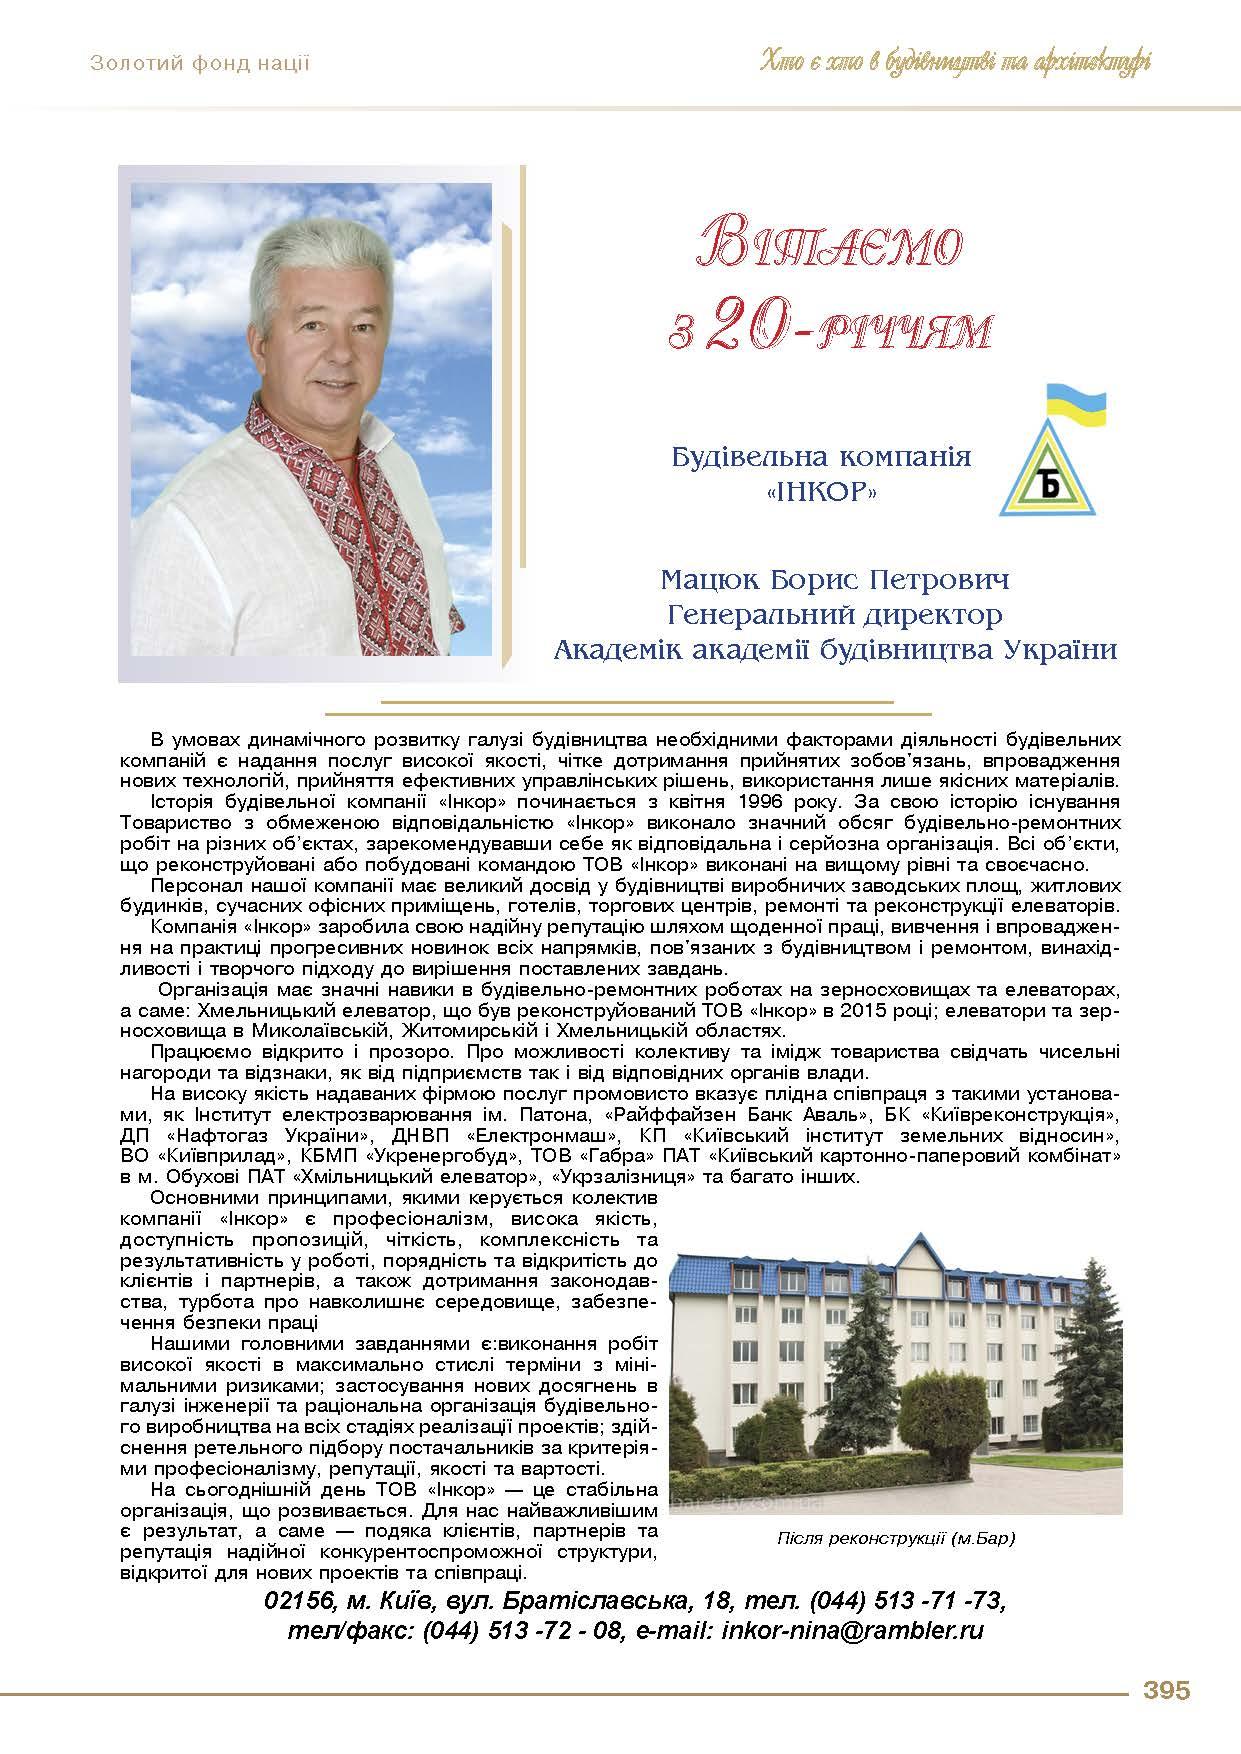 Будівельна компанія «ІНКОР» - Мацюк Борис Петрович